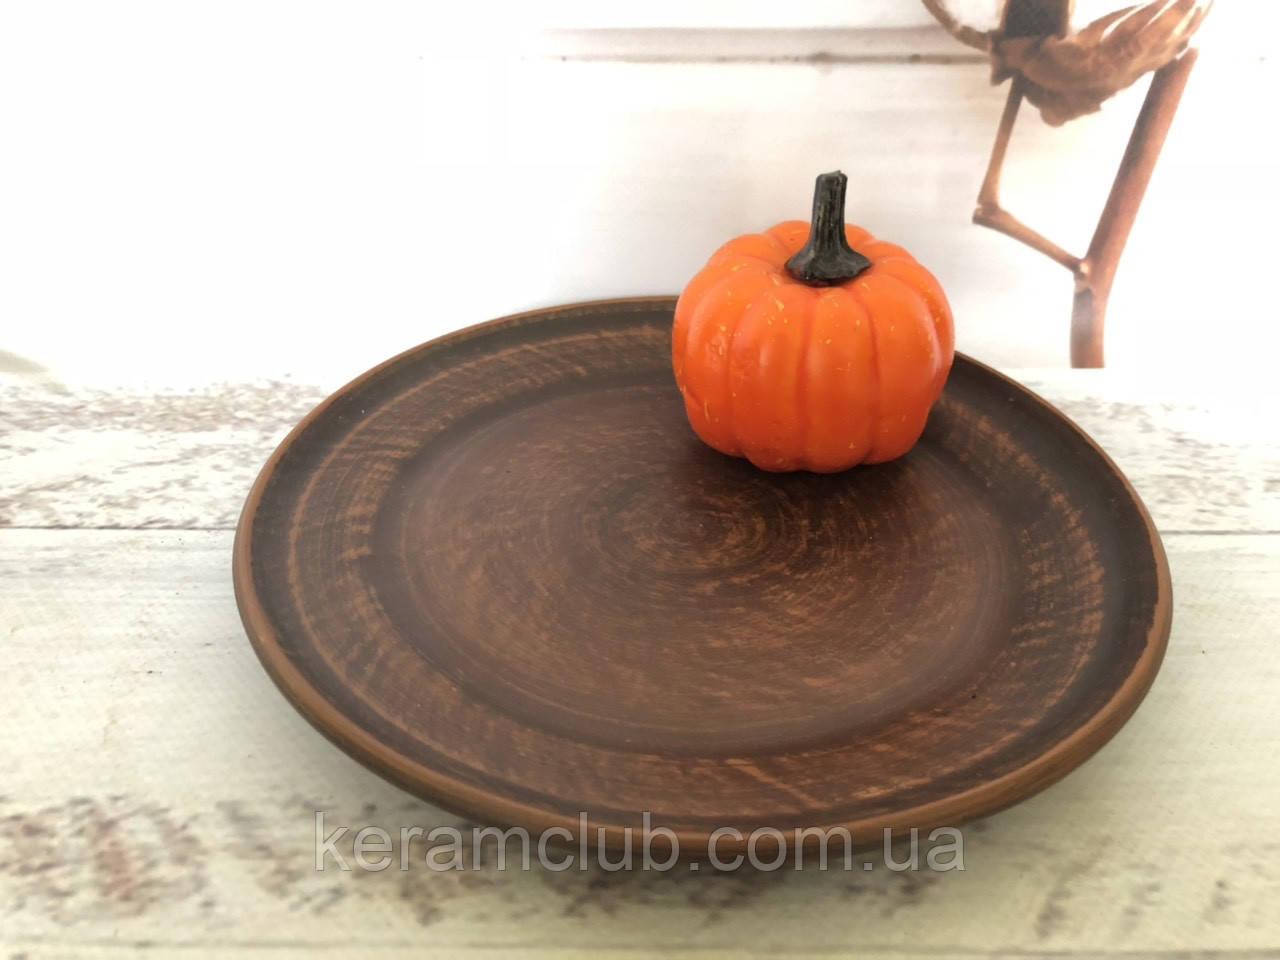 Керамическая тарелка из красной глины 20см